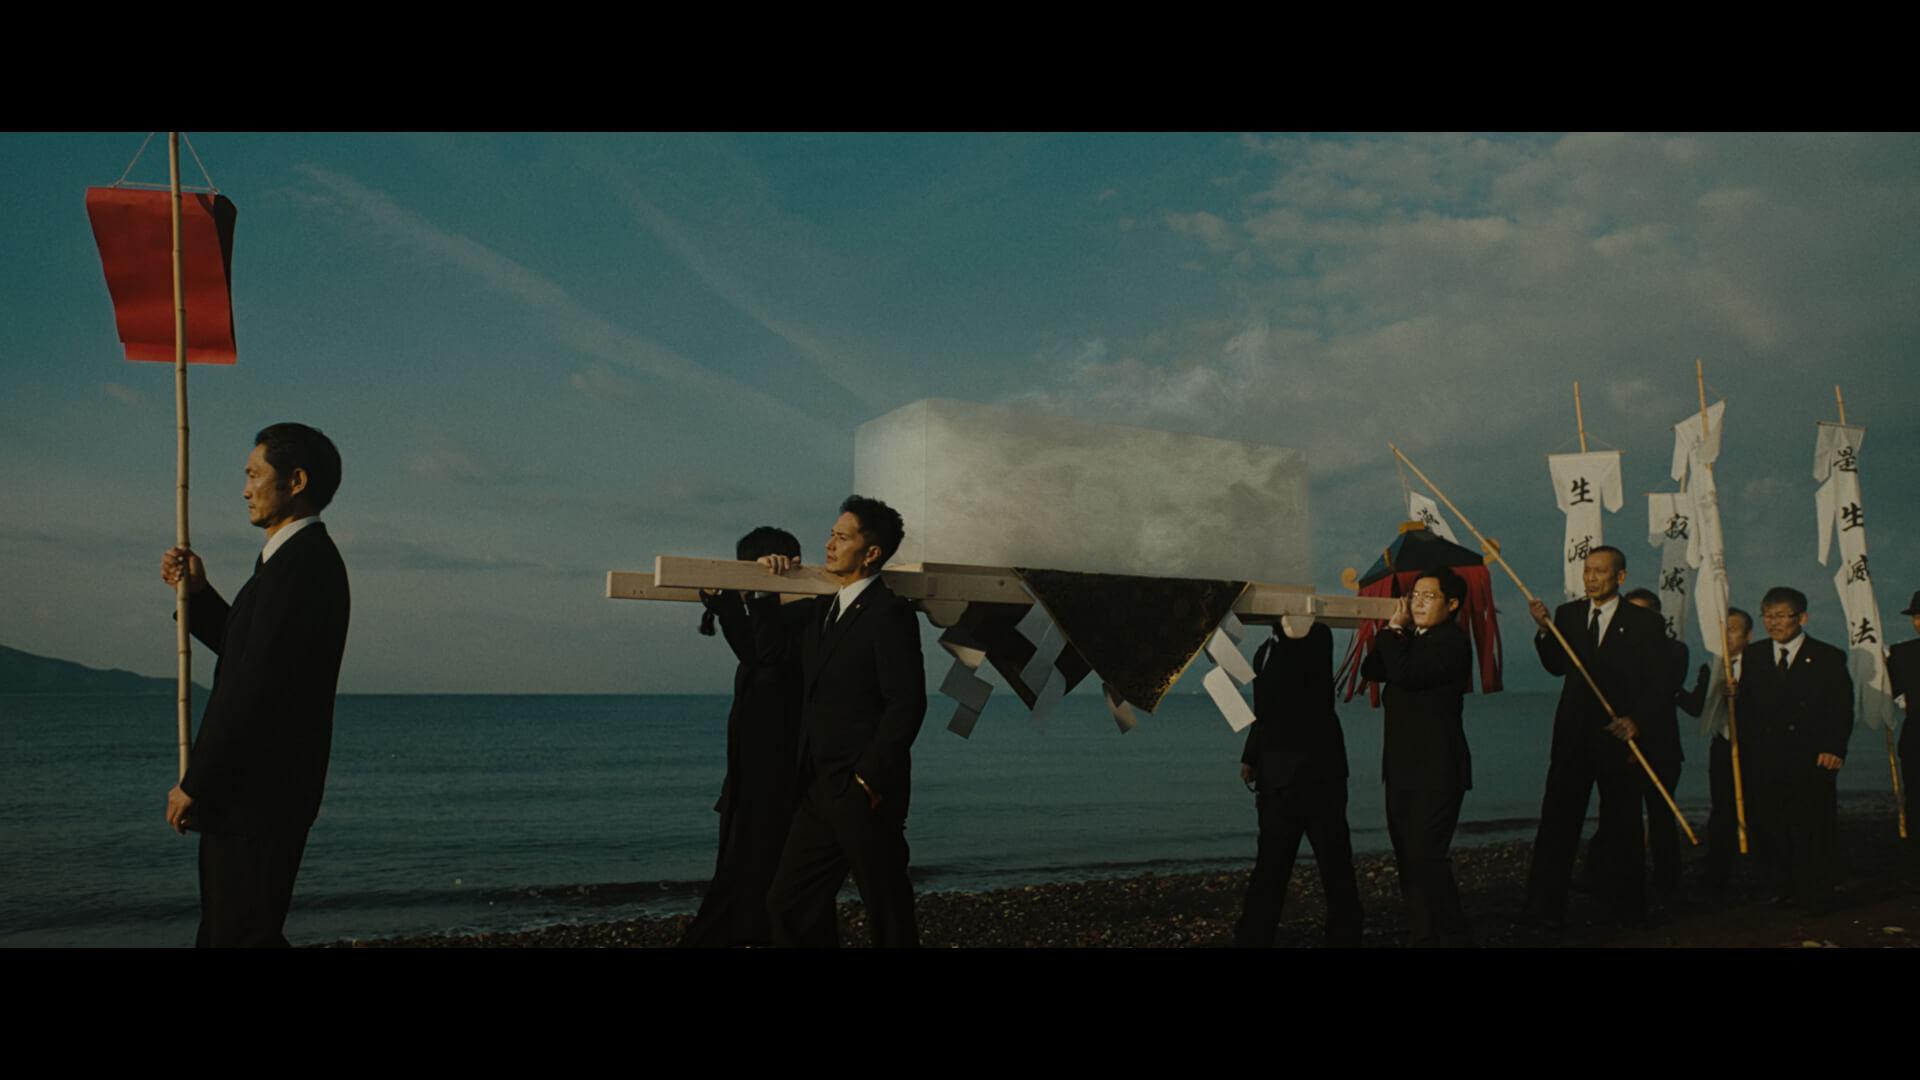 """常田大希率いるmillennium paradeの新曲""""FAMILIA""""がついに配信リリース!MVは同時視聴者数、驚異の2万人超え music210122_millenniumparade_4"""